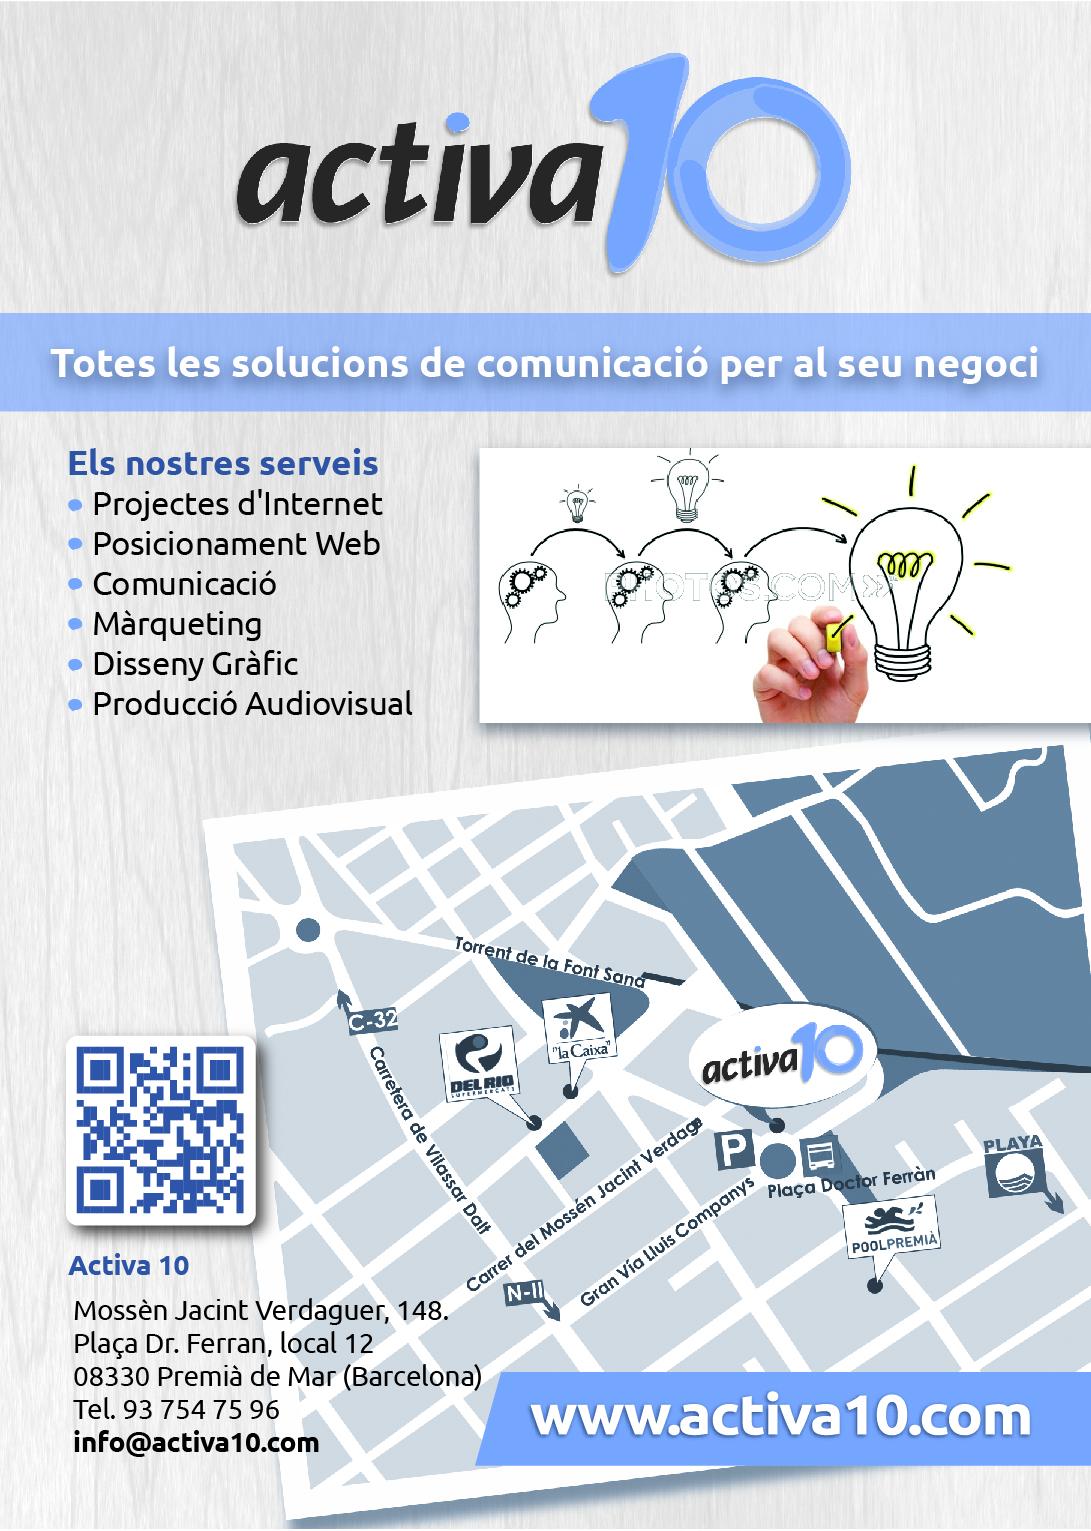 Activa10